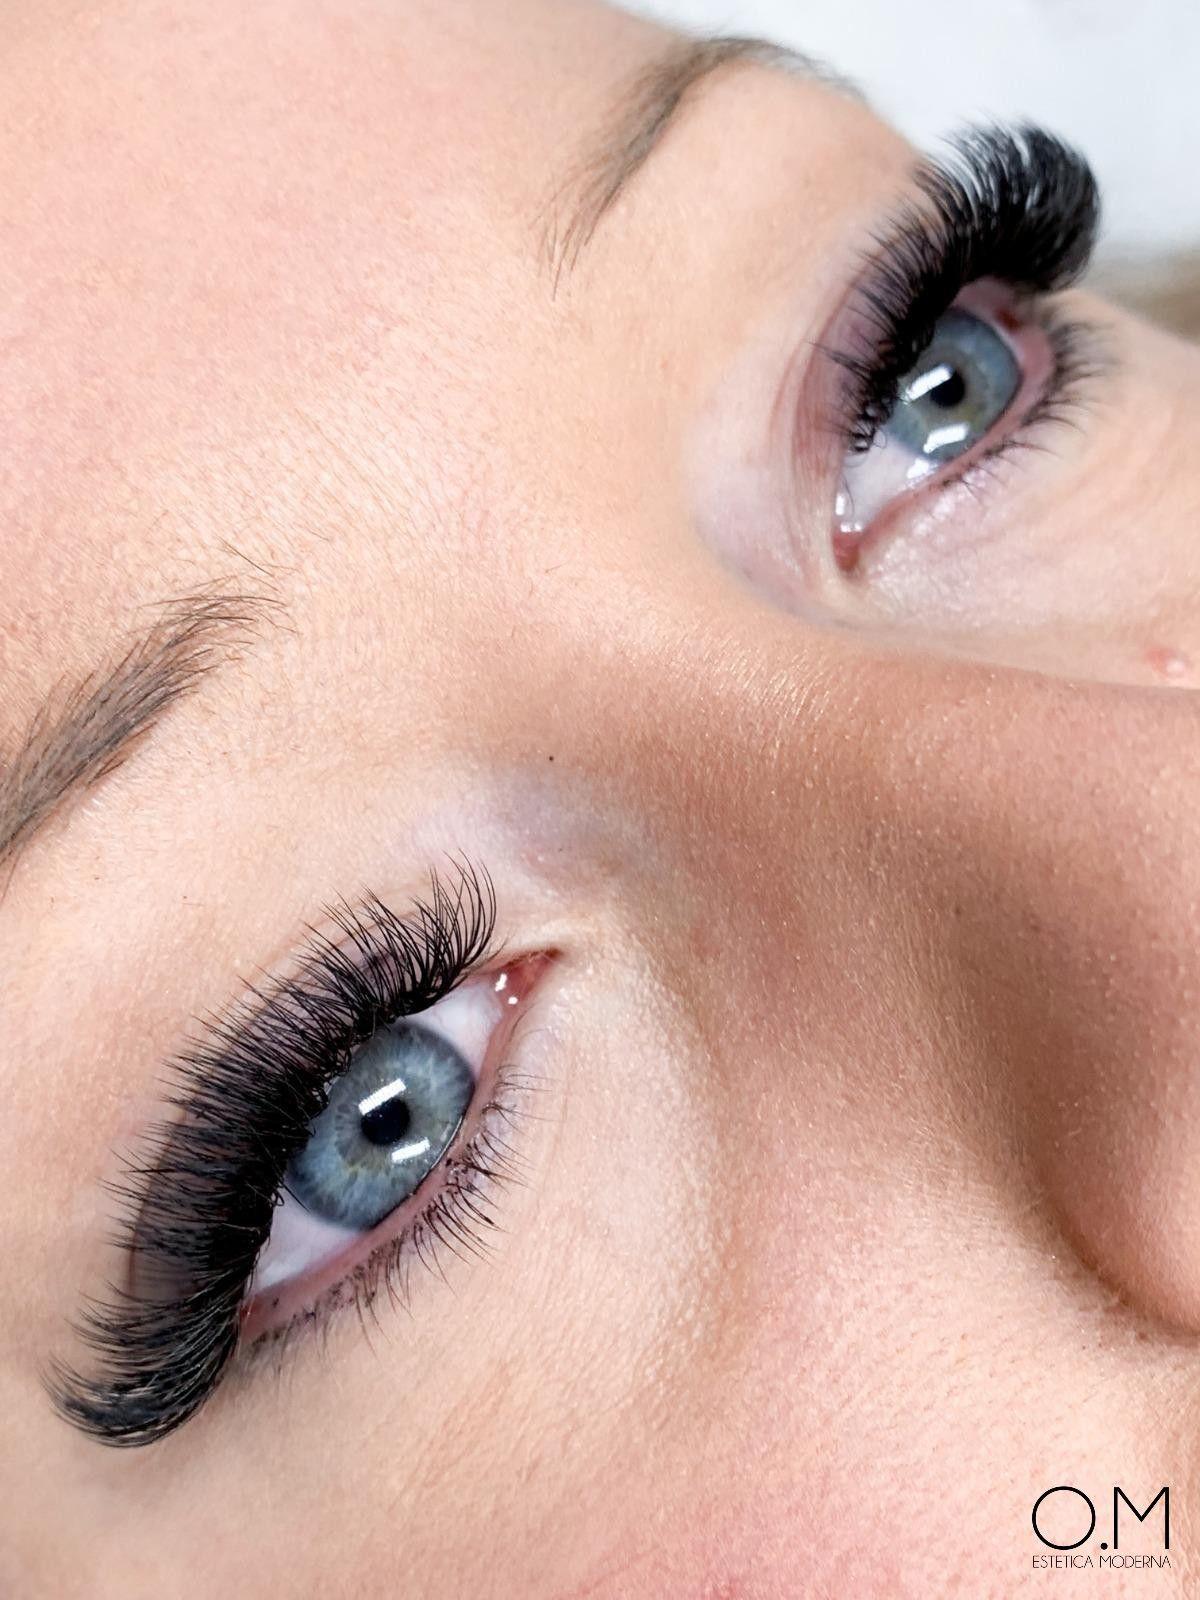 3D Eyelashes in 2020 | Eyelashes, Natural eyelashes ...